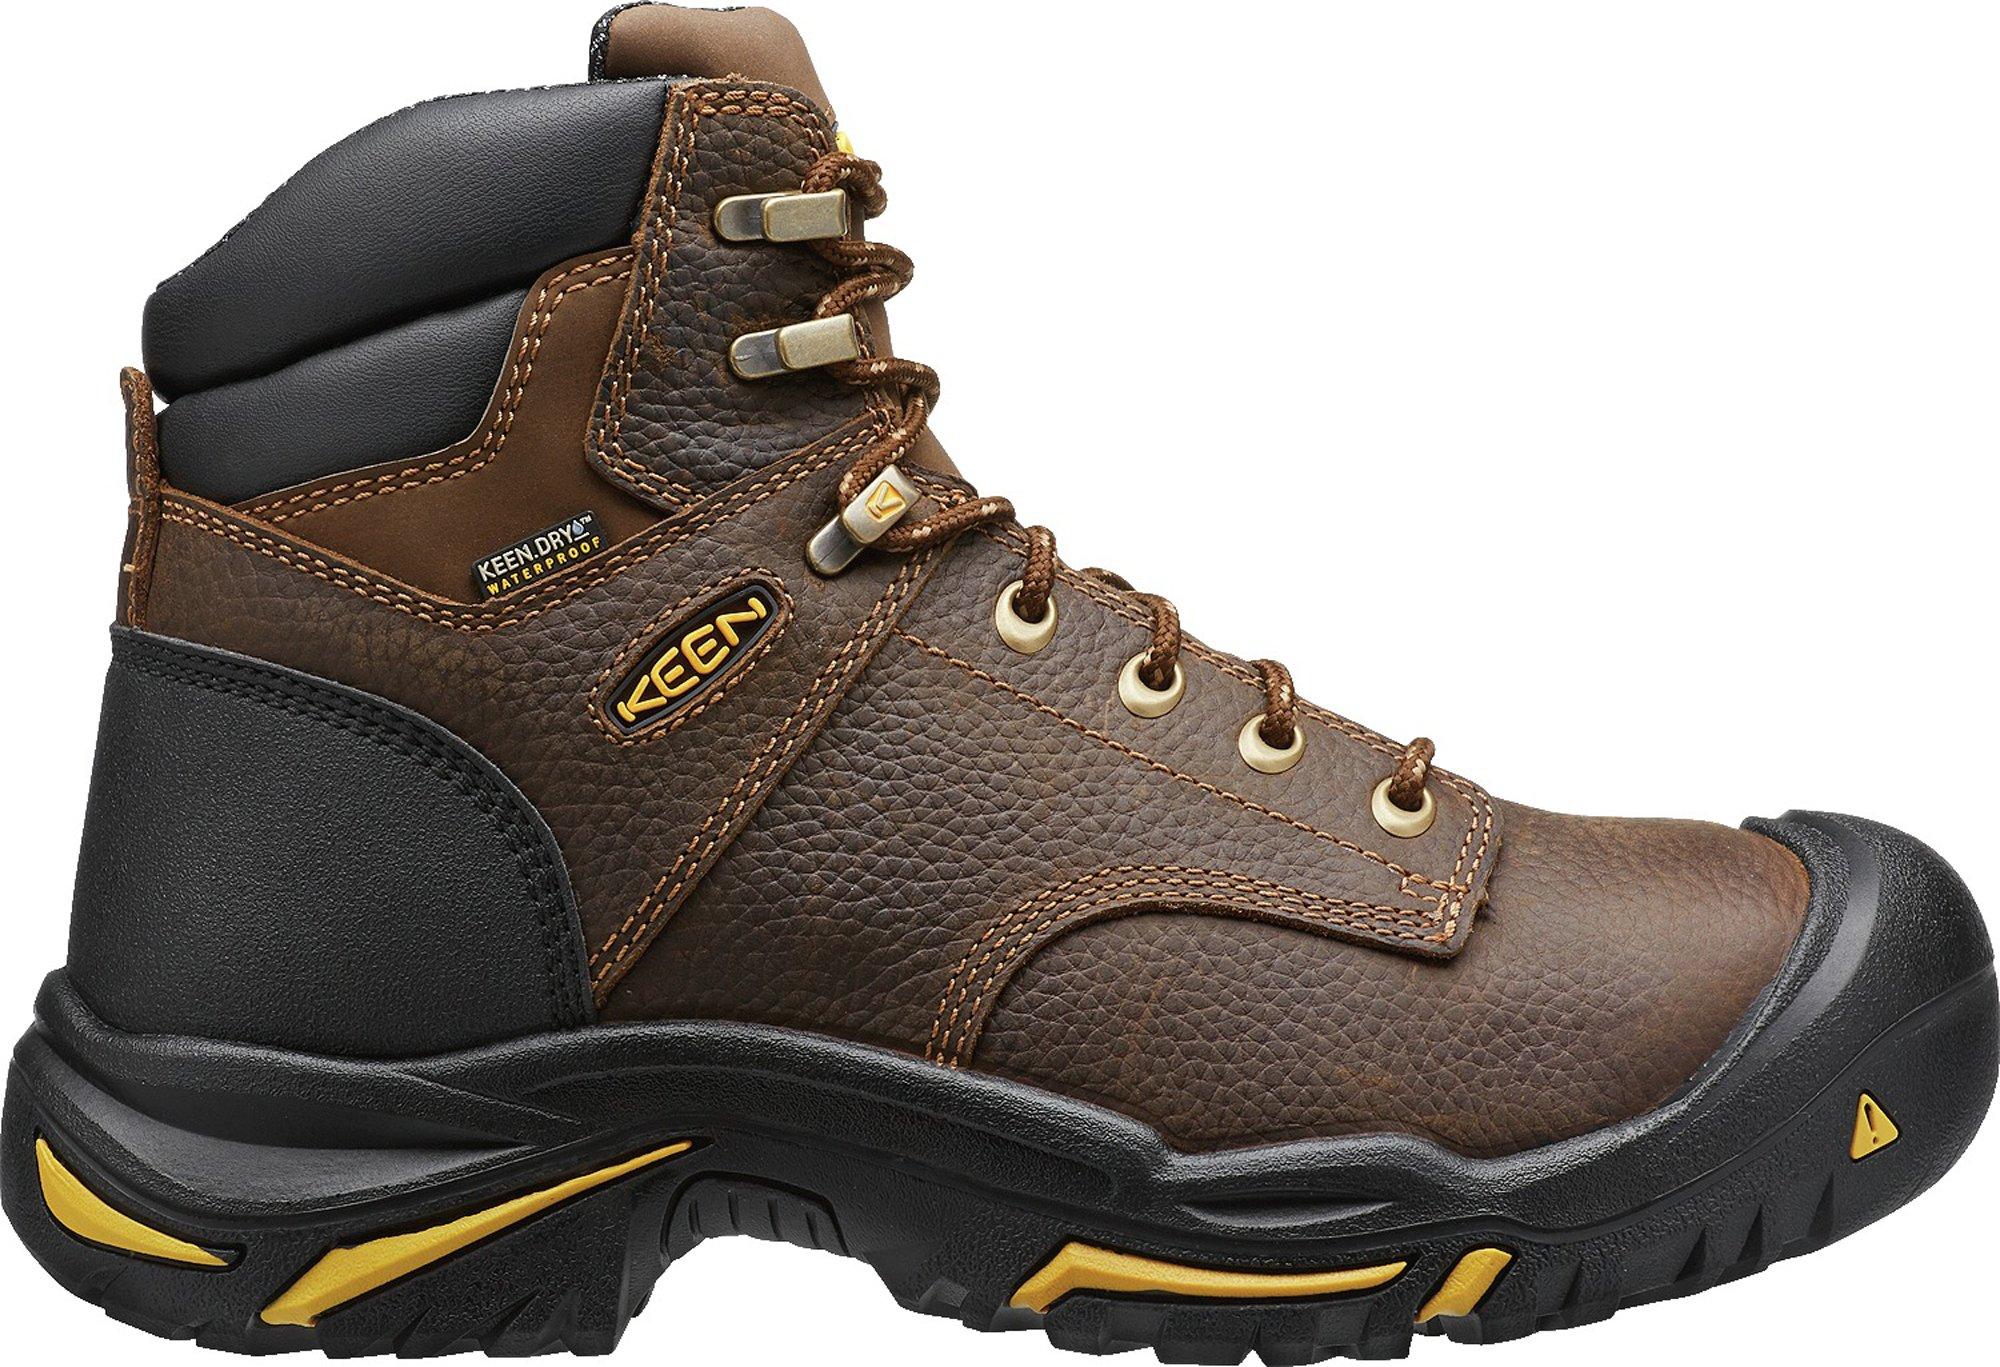 KEEN Utility MT Vernon 6'' (Soft Toe), Men's Work Boot Soft Toe, Cascade Brown, 15 D